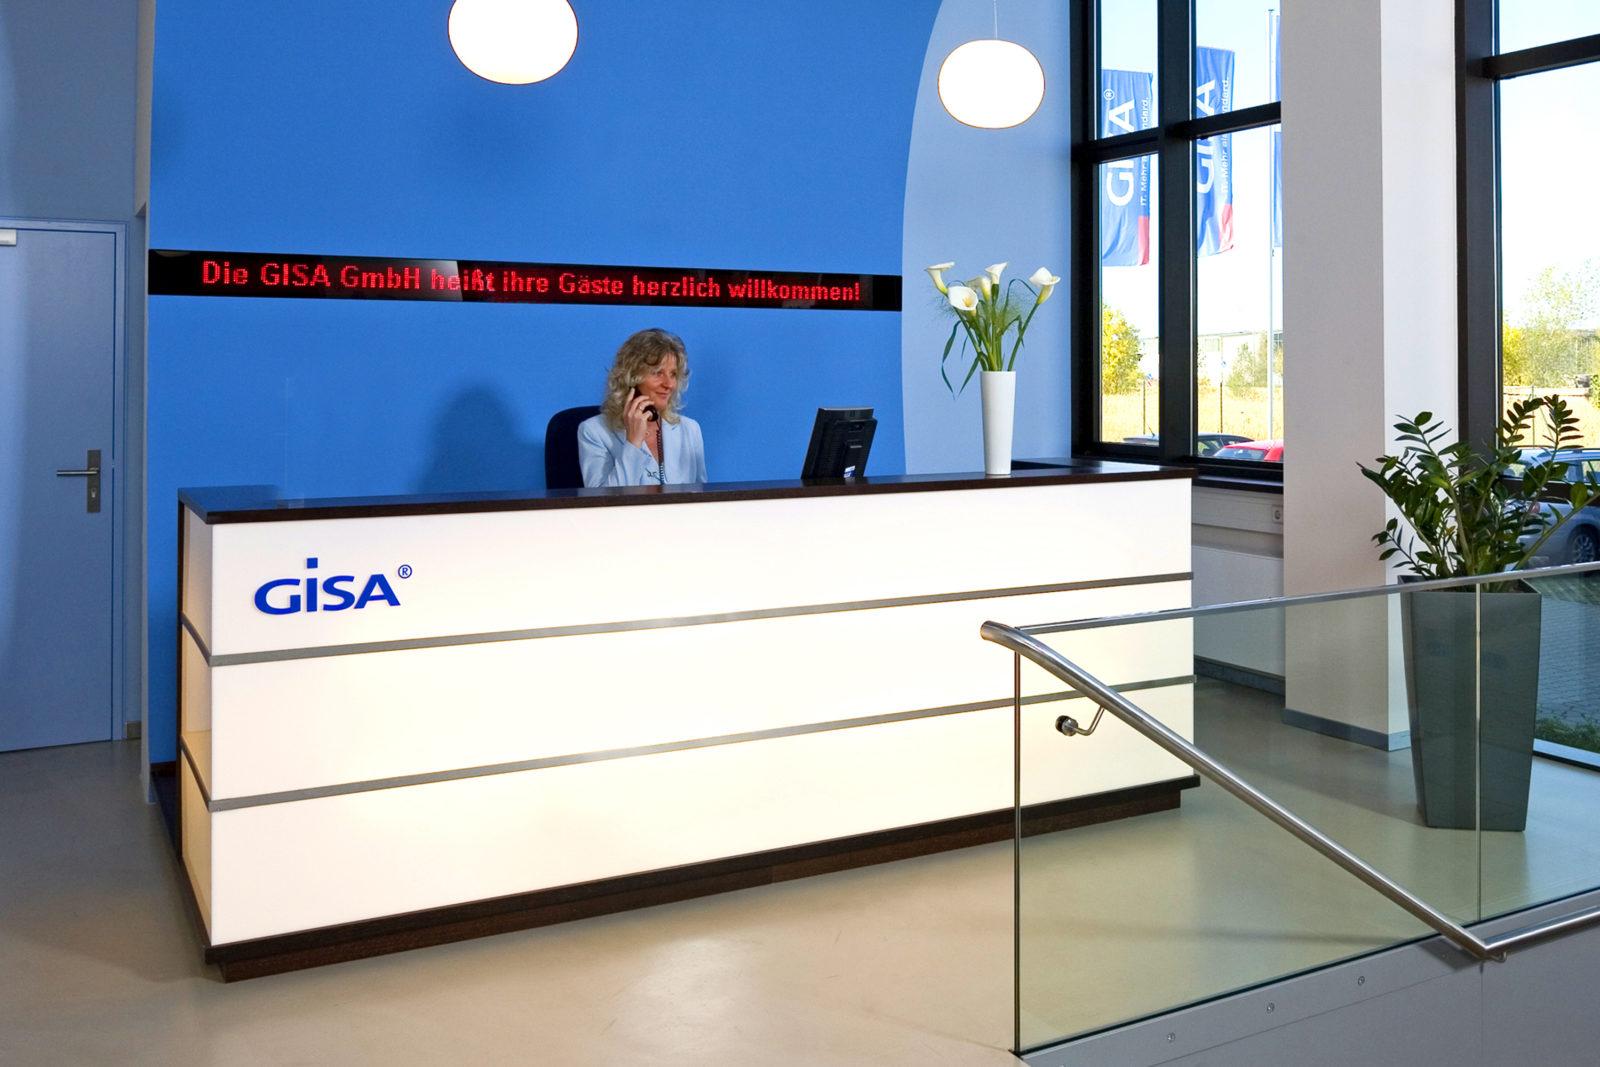 Neugestaltung Geschäftsräume GiSA GmbH in Halle - Empfang